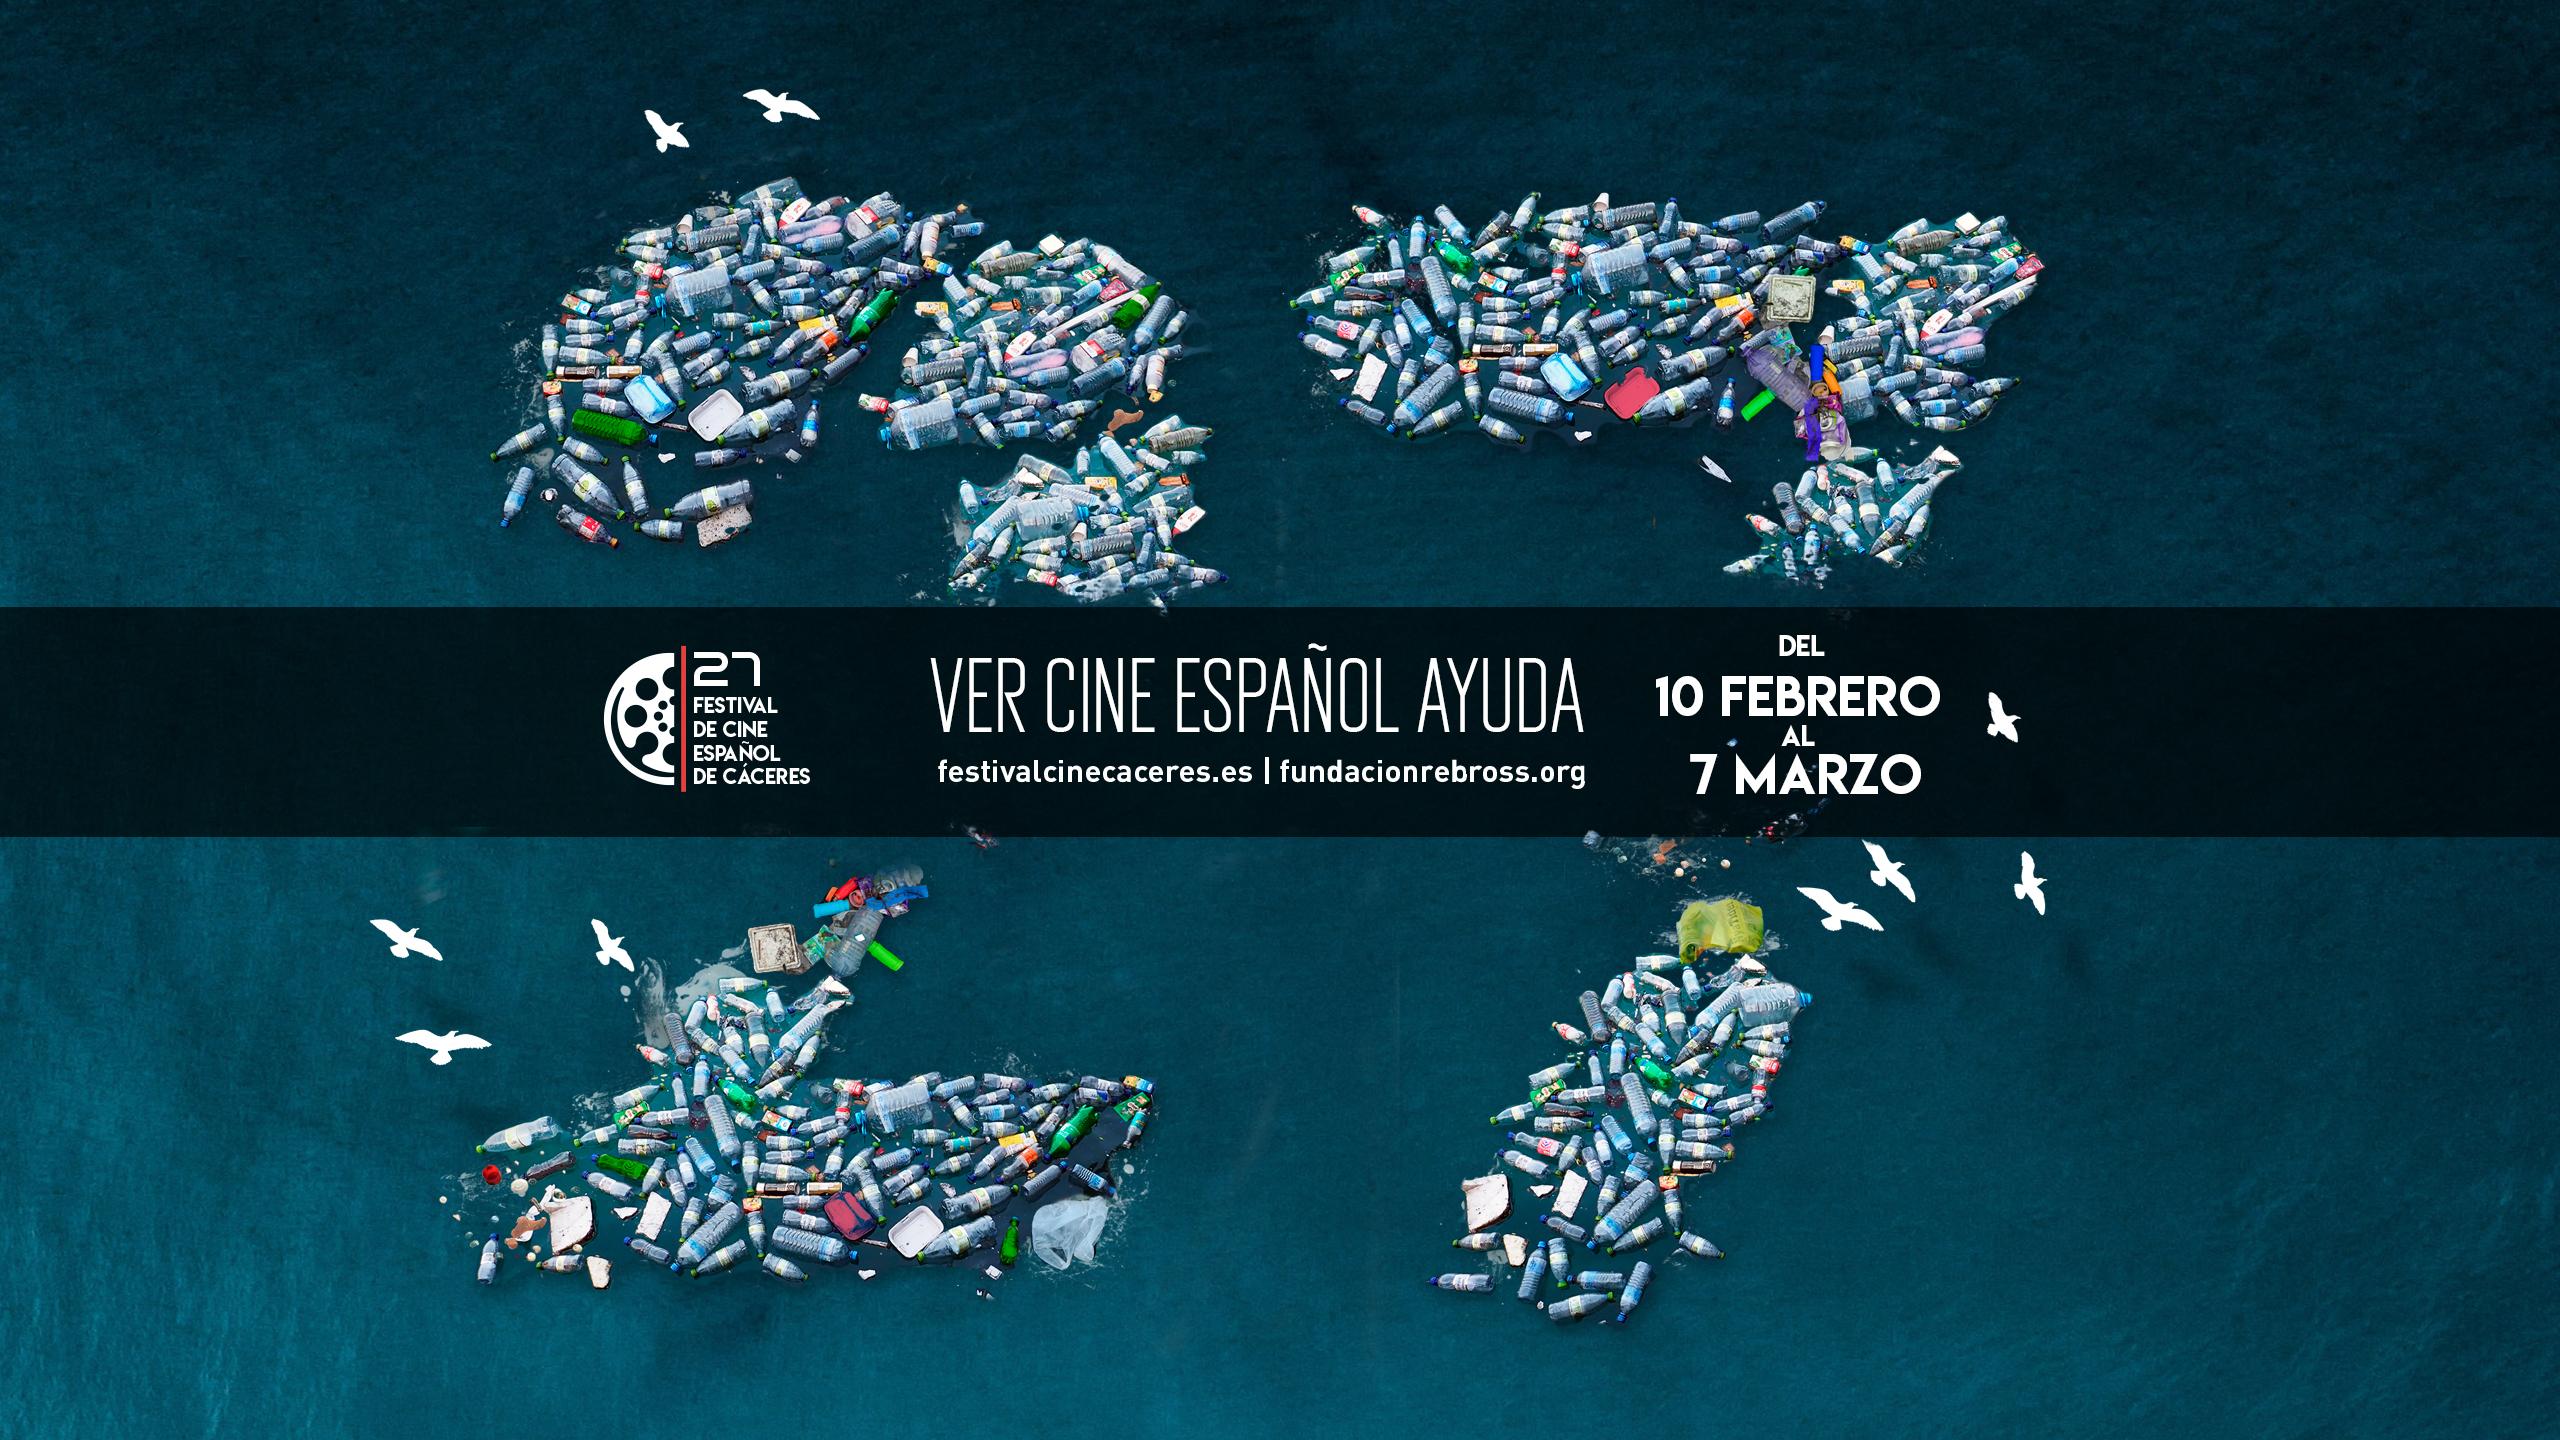 El cartel del festival denuncia la contaminación de plástico en el mar.